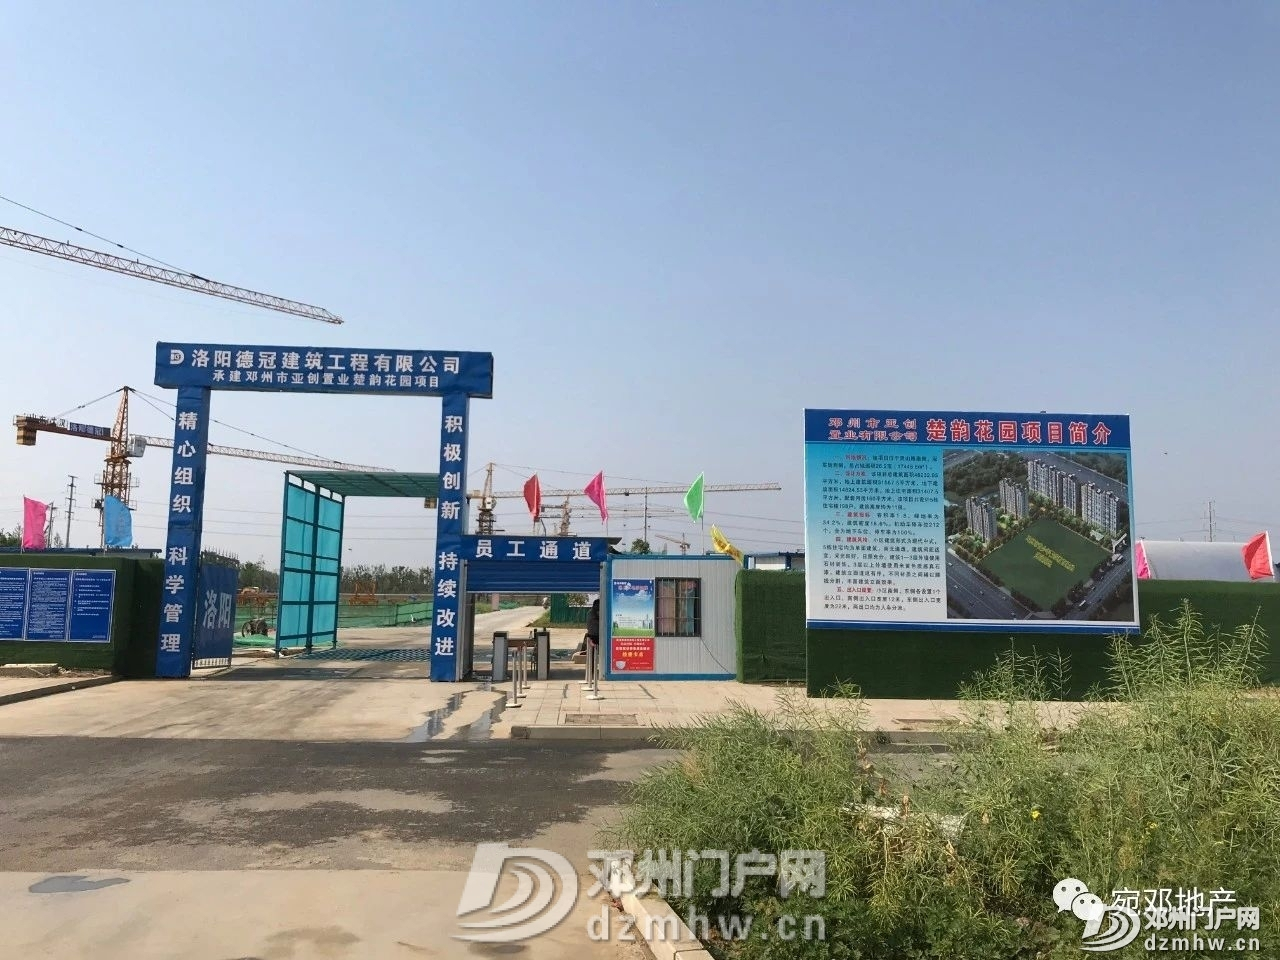 实拍航飞!邓州青少年警示教育基地项目在湍北的项目正火热施工 - 邓州门户网|邓州网 - 839bb9e2b4c9d376079a5ab216aec3c0.jpg